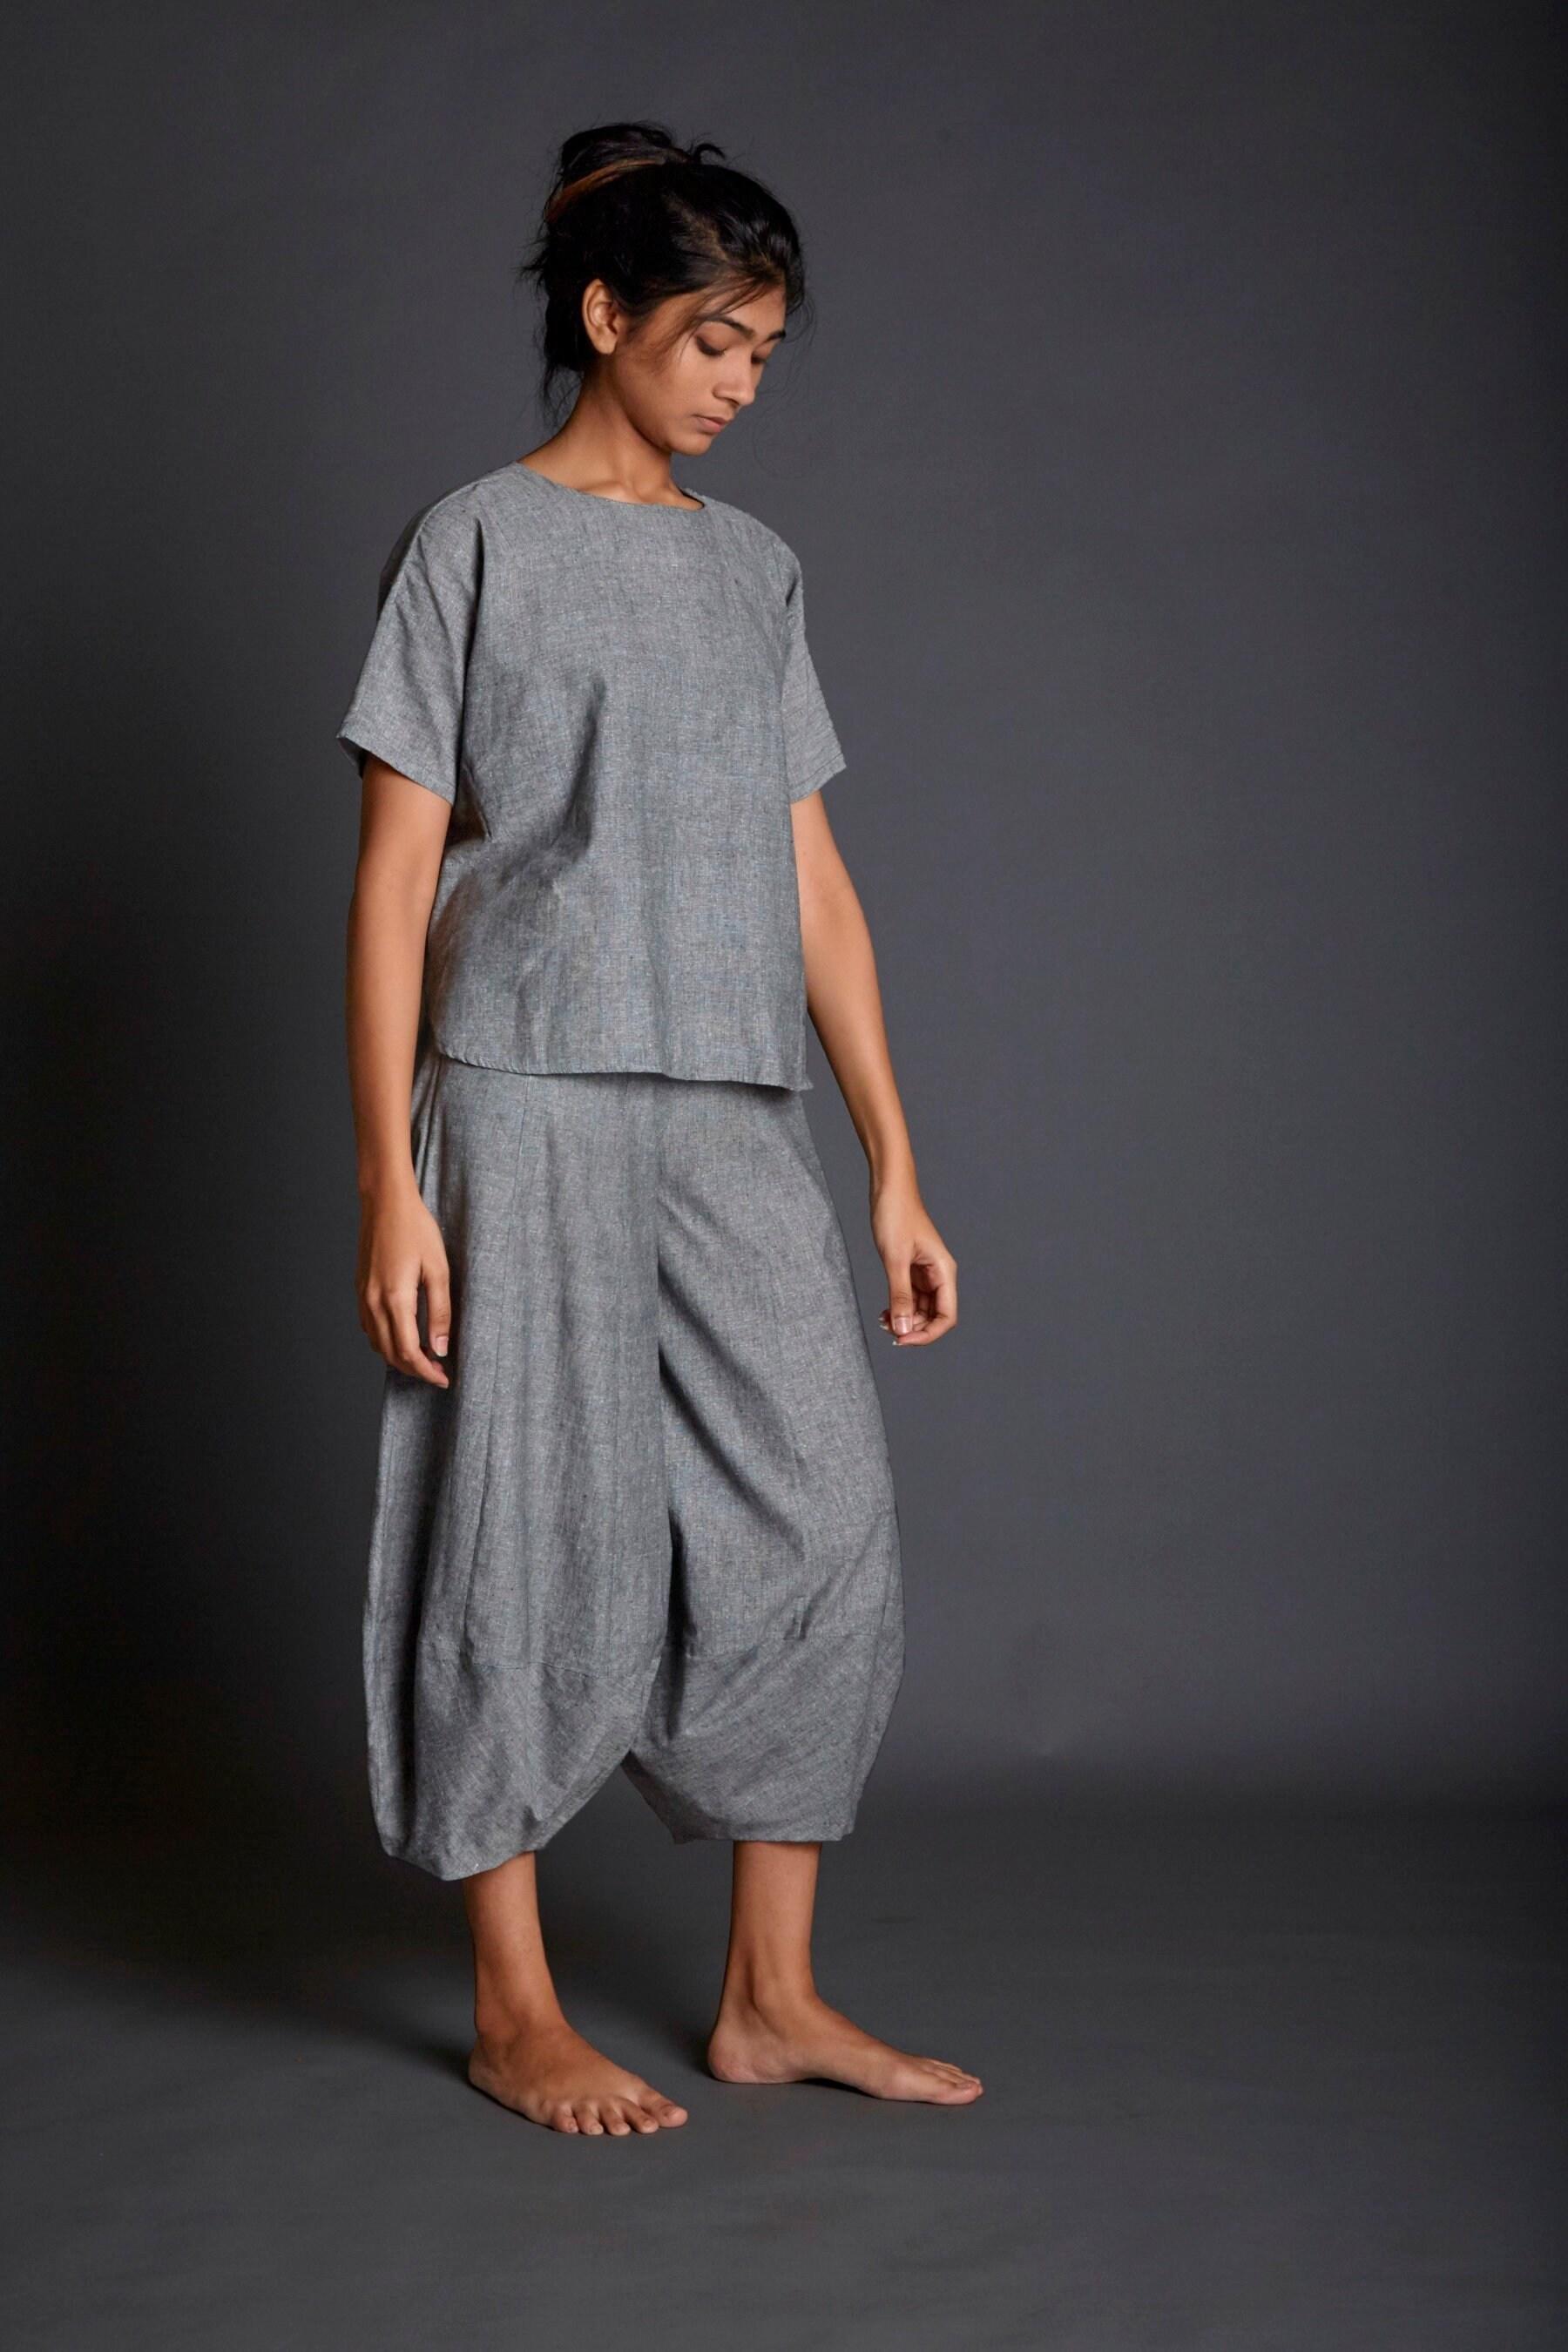 ff03ff7f92 New Light GreyCowl Pants Draped Comfortable Bottoms Khadi